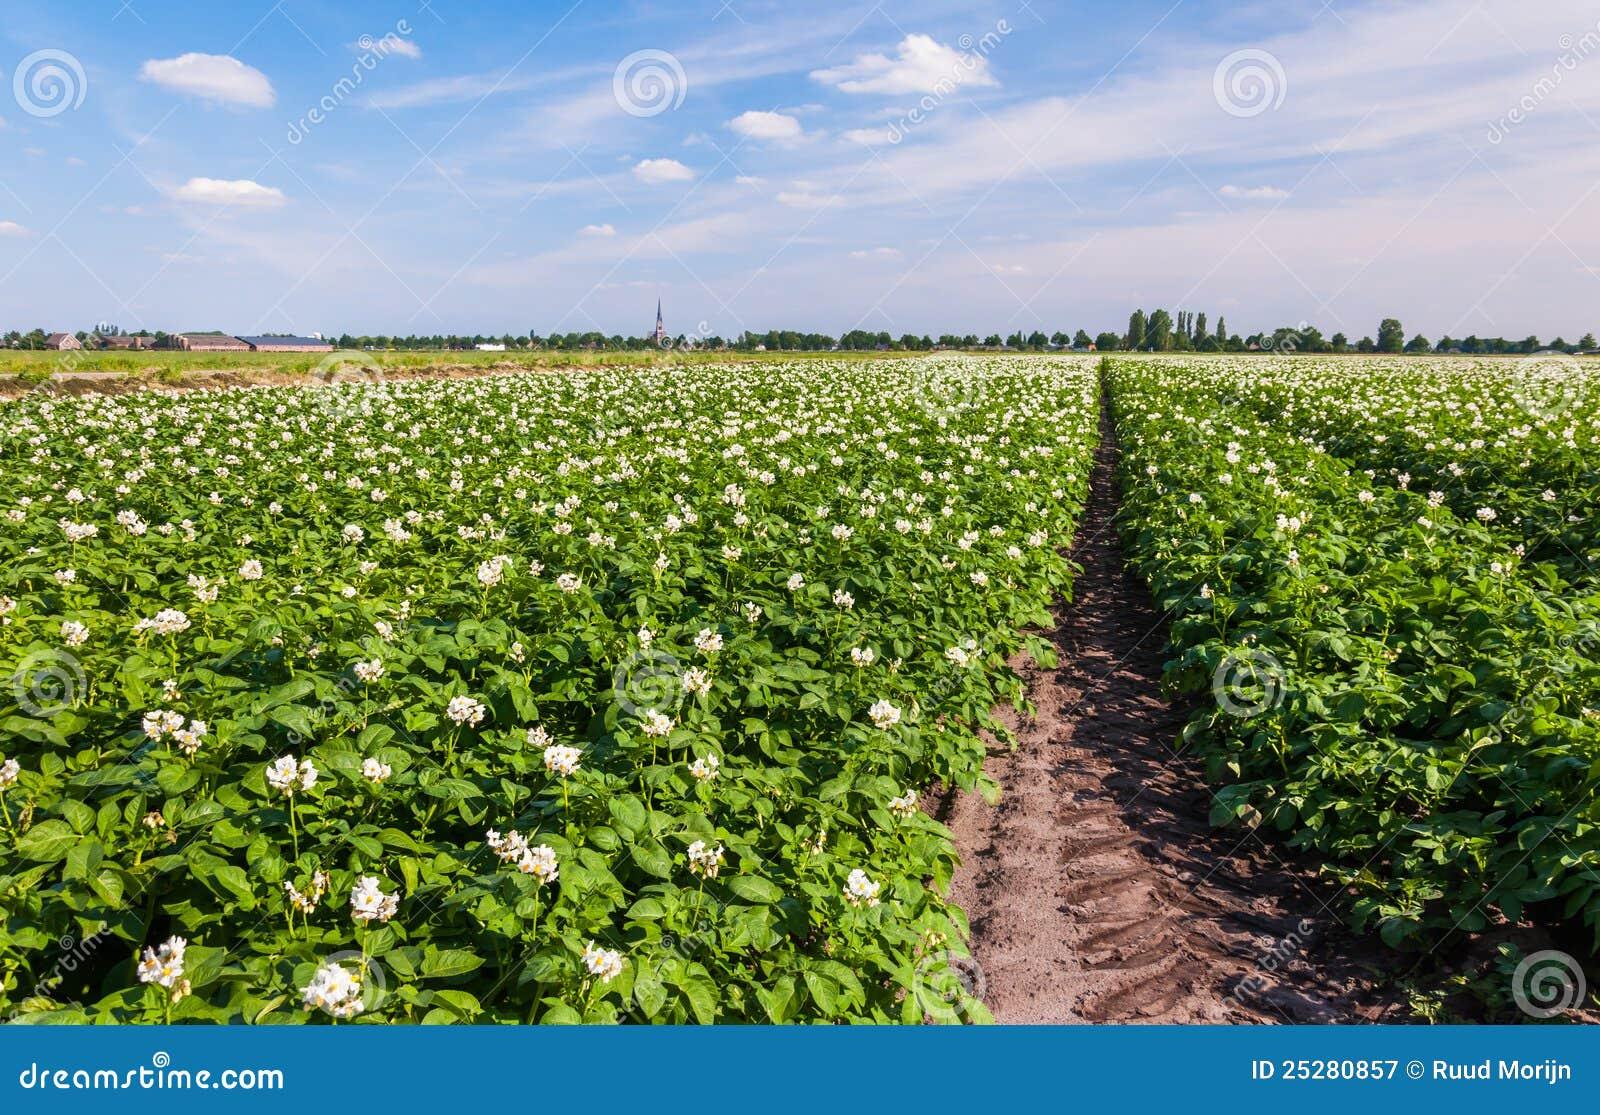 plantes de pomme de terre avec les fleurs blanches et jaunes image stock image 25280857. Black Bedroom Furniture Sets. Home Design Ideas